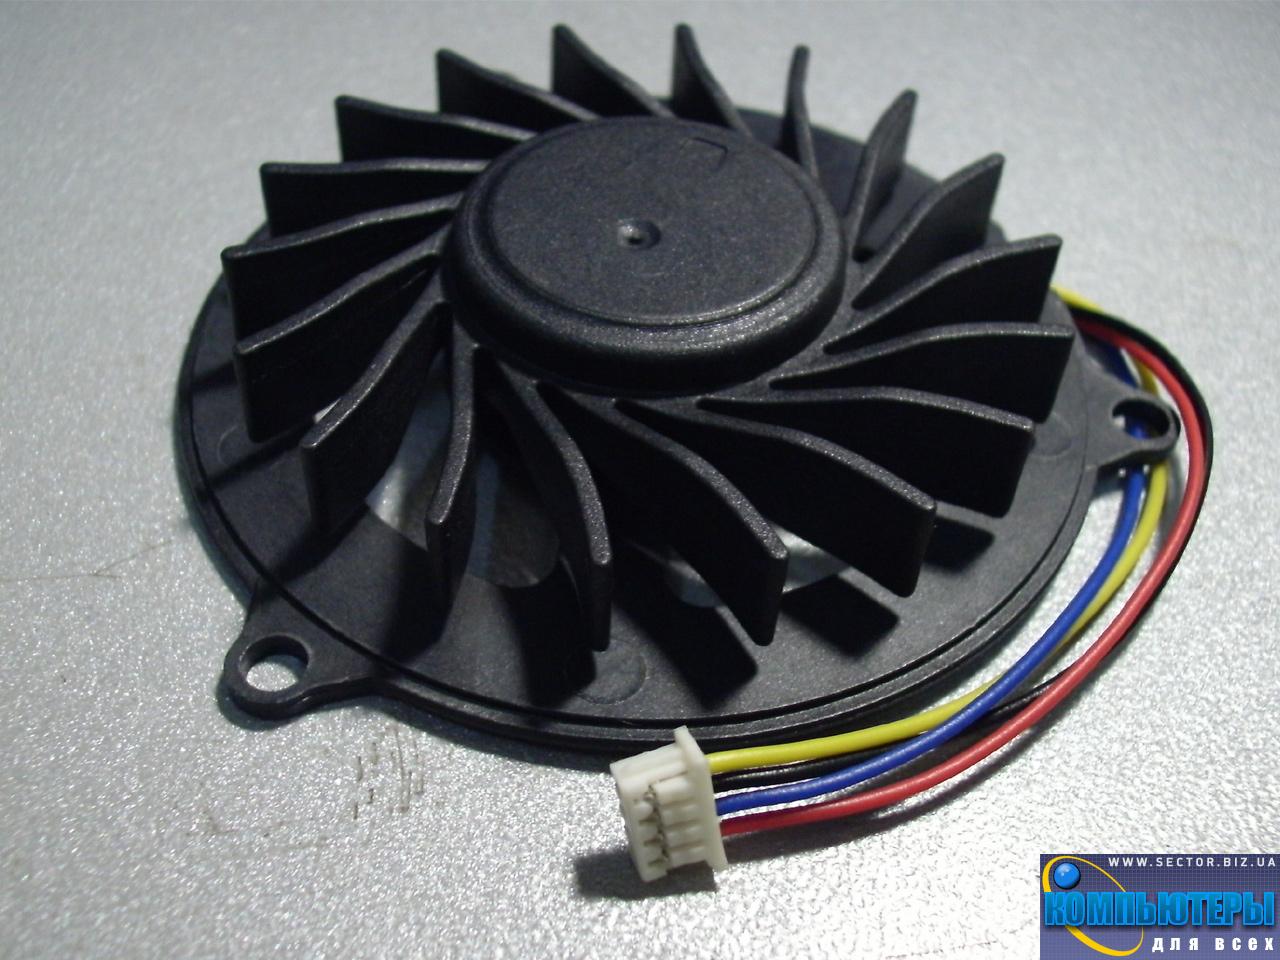 Кулер к ноутбуку Dell Studio 1535 1536 1537 1555 1556 1557 1558 PP33L p/n: XS10N05YF05VBJ. Фото № 4.